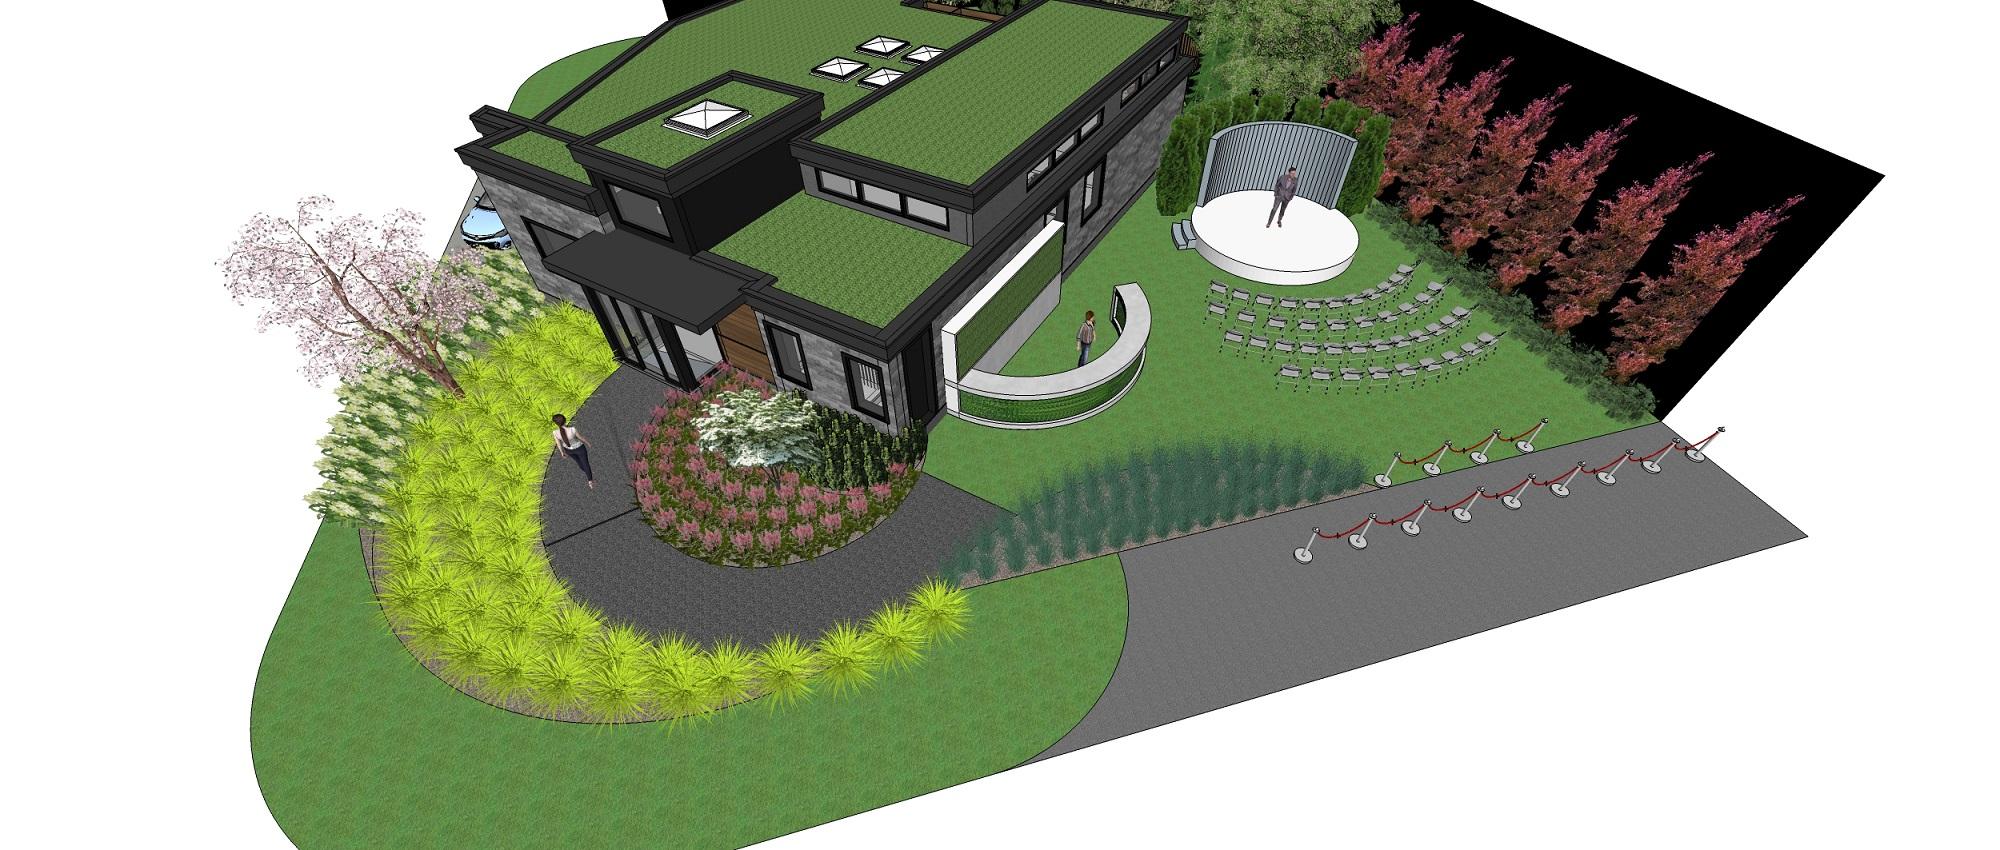 National Home Show - Future Dream Home_1.jpg